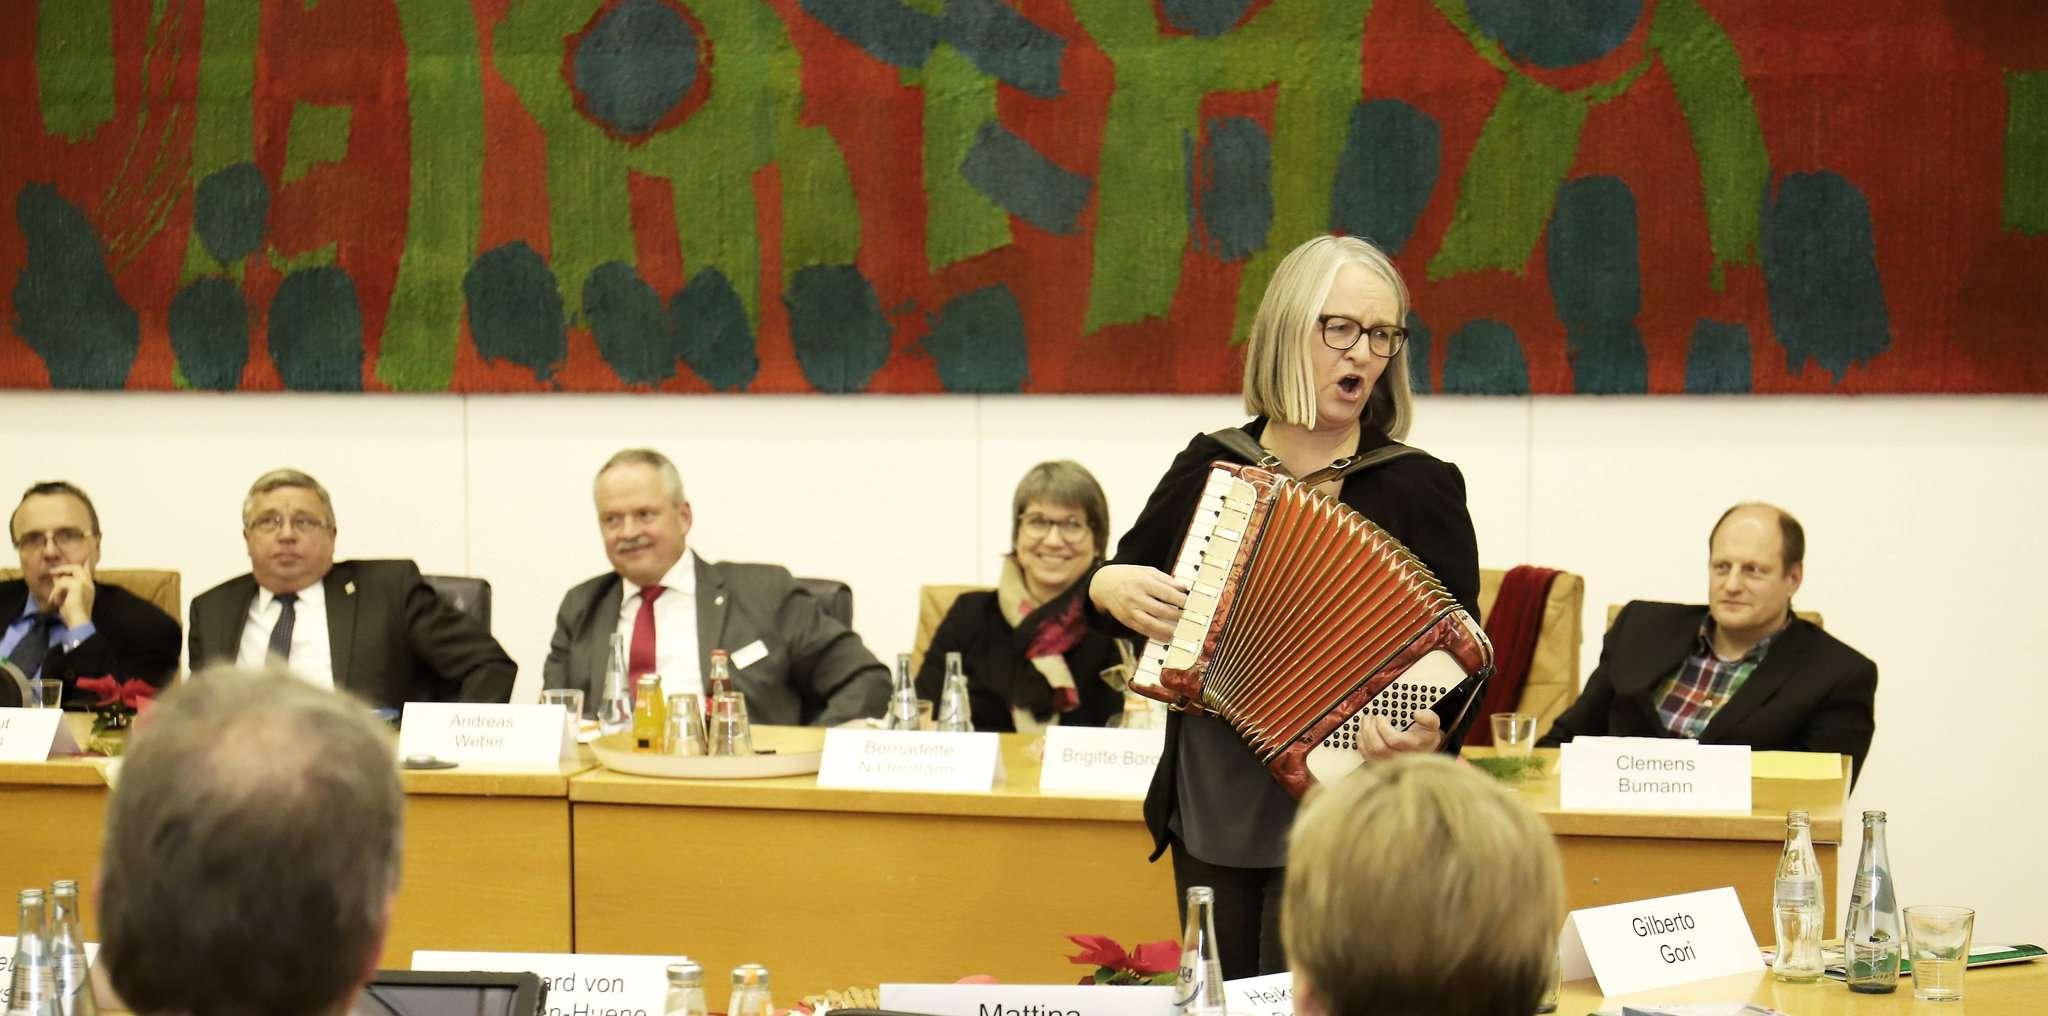 Brigitte Borchers verabschiedete sich Ende Dezember vom Rat der Stadt Rotenburg mit einem Lied.